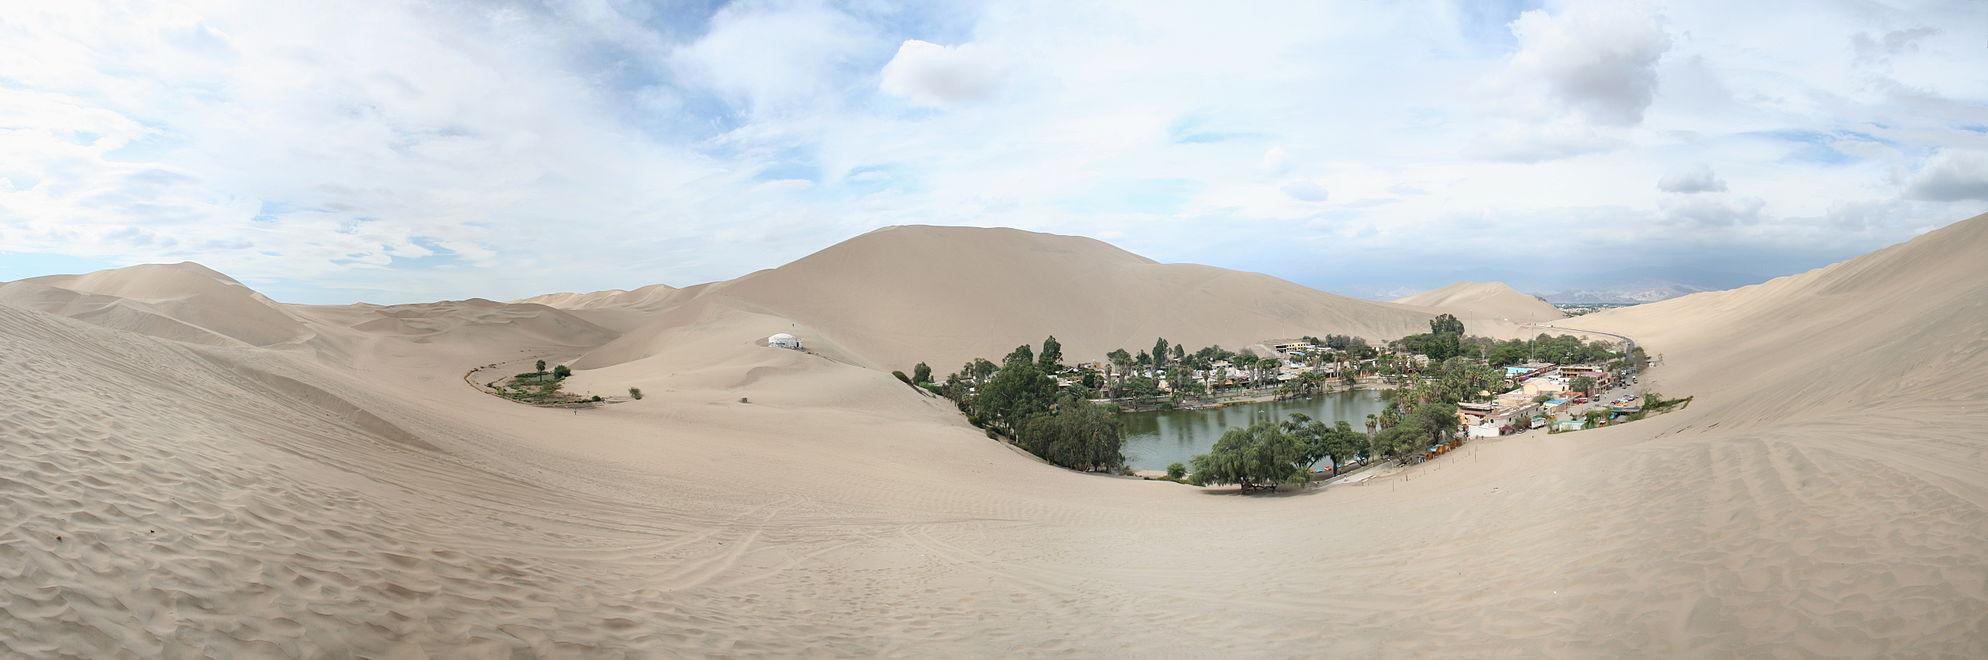 Huacachina_Dunes.jpg